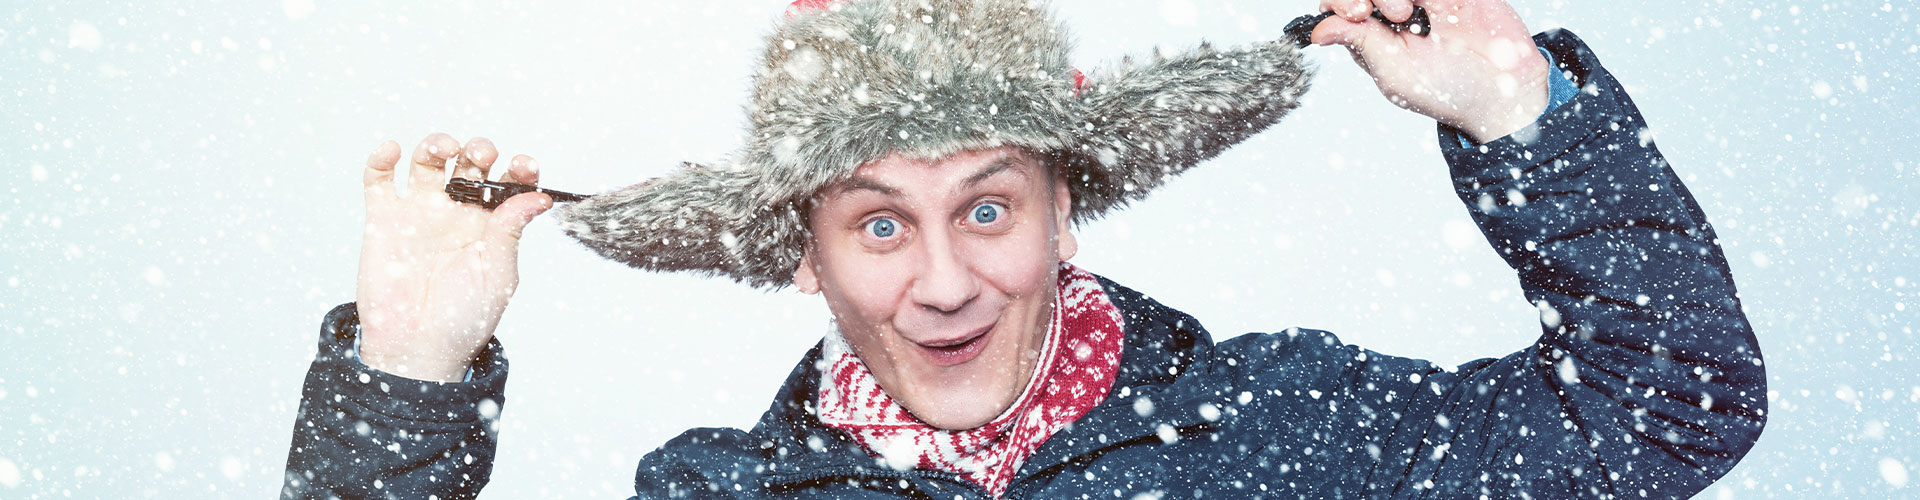 Mann mit Mütze im Schnee